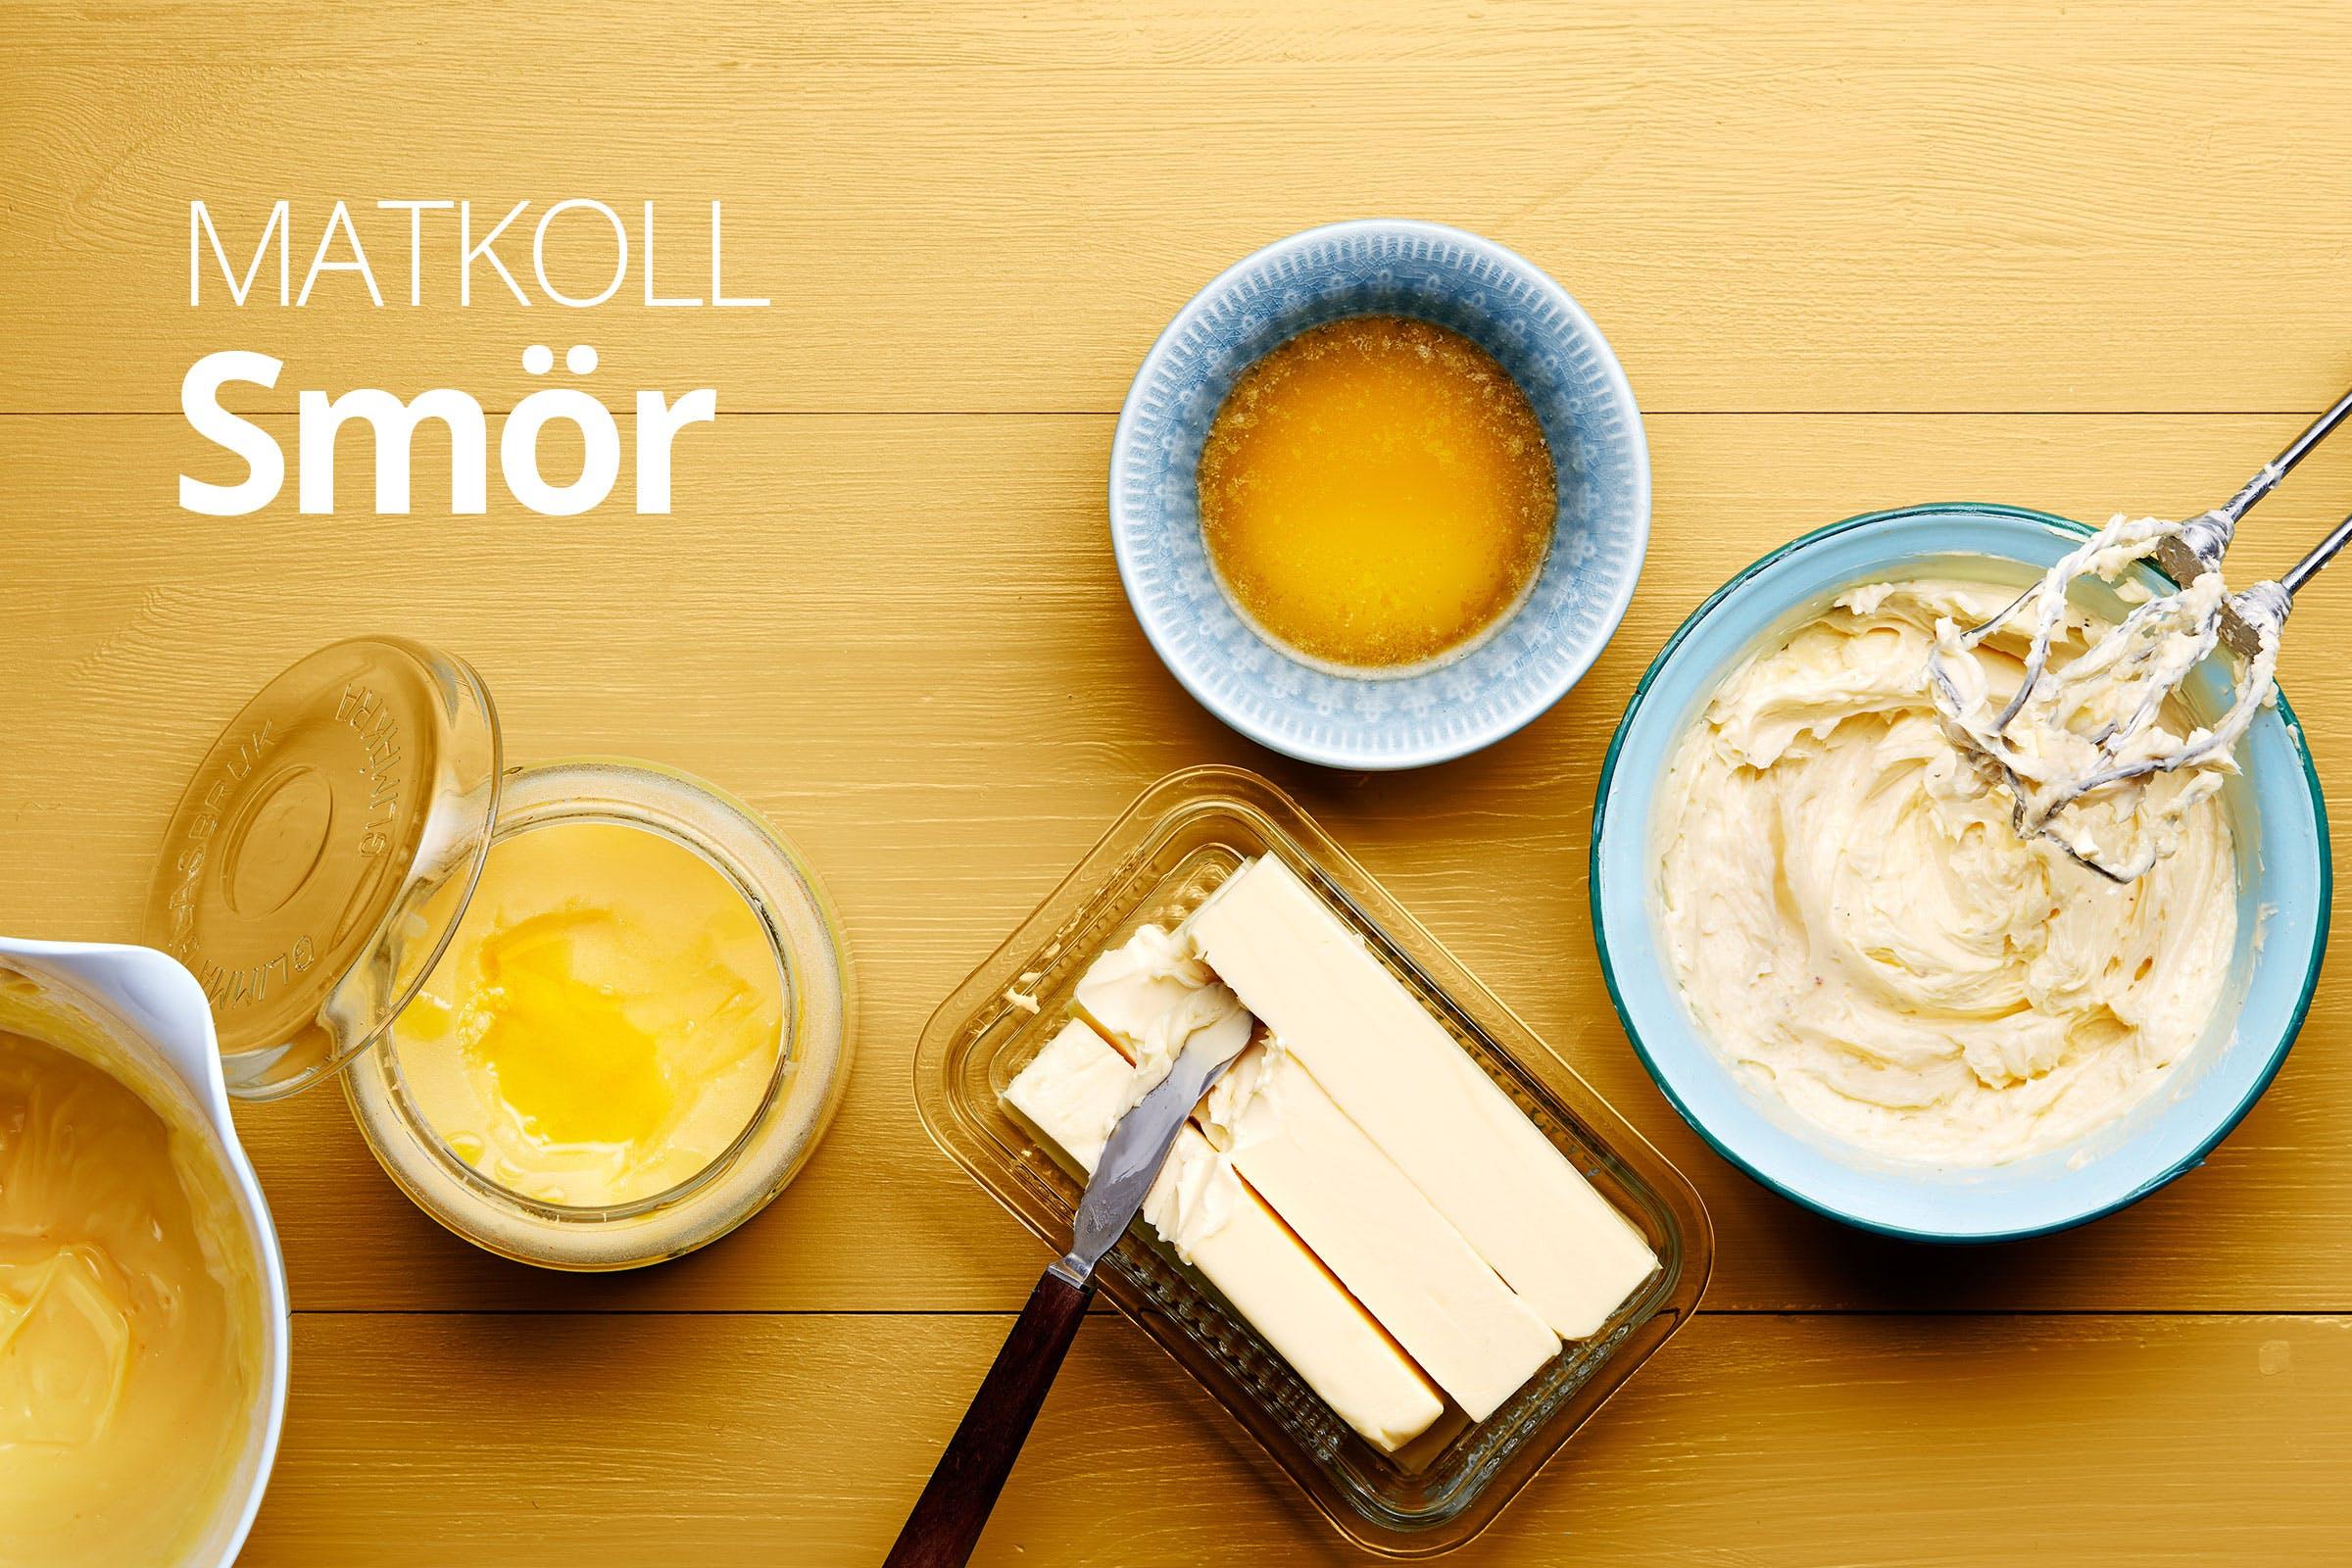 Lär dig mer om smör